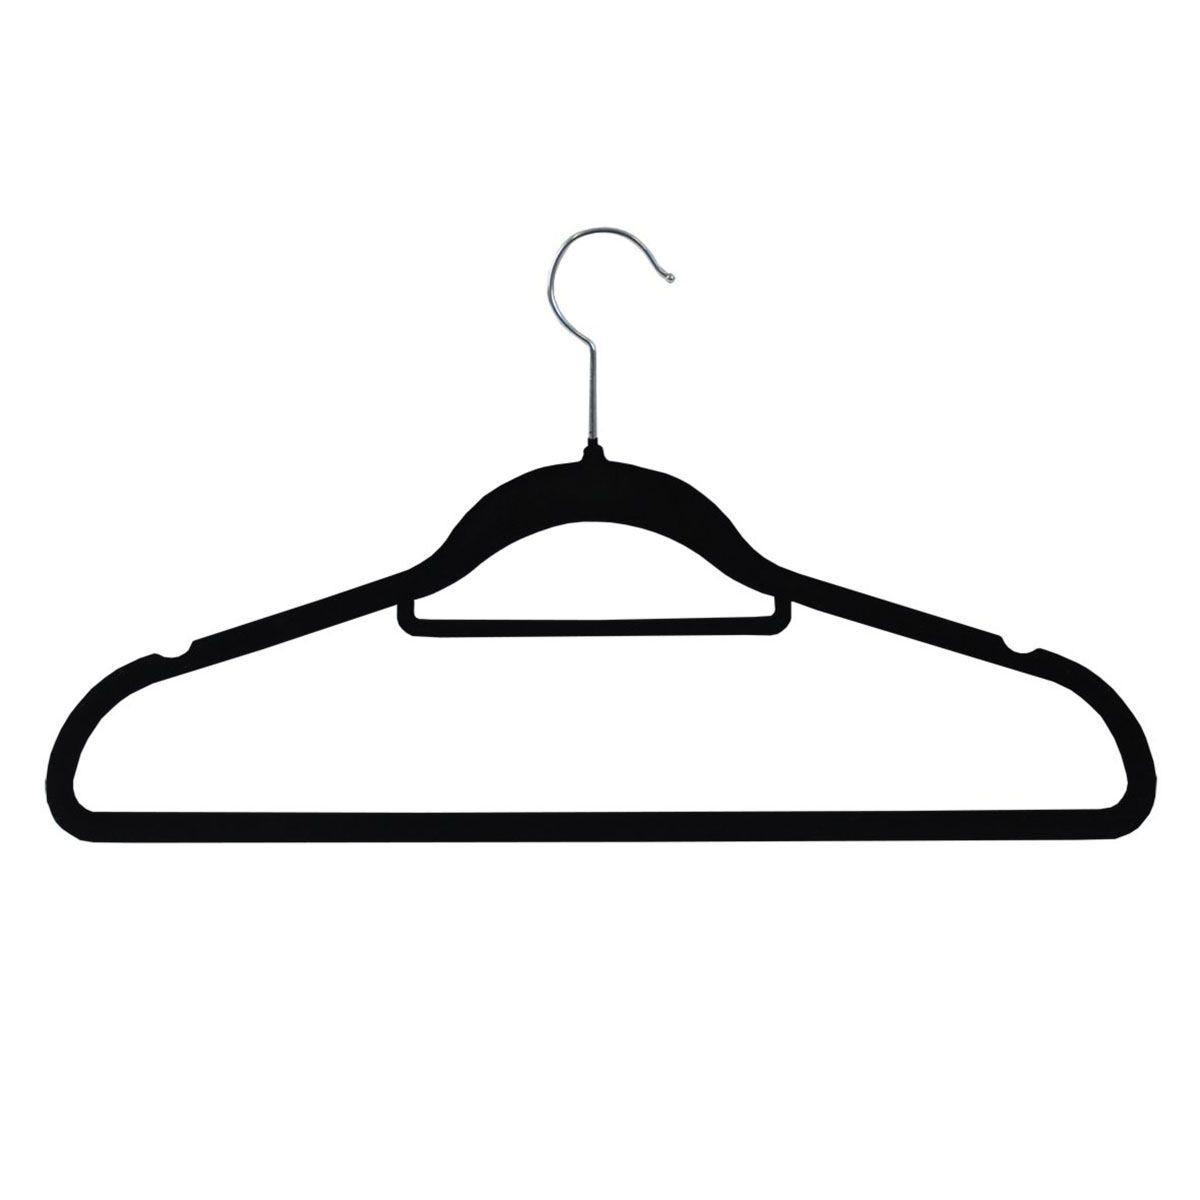 JVL Black Velvet Non-Slip Coat Hangers - Pack of 50